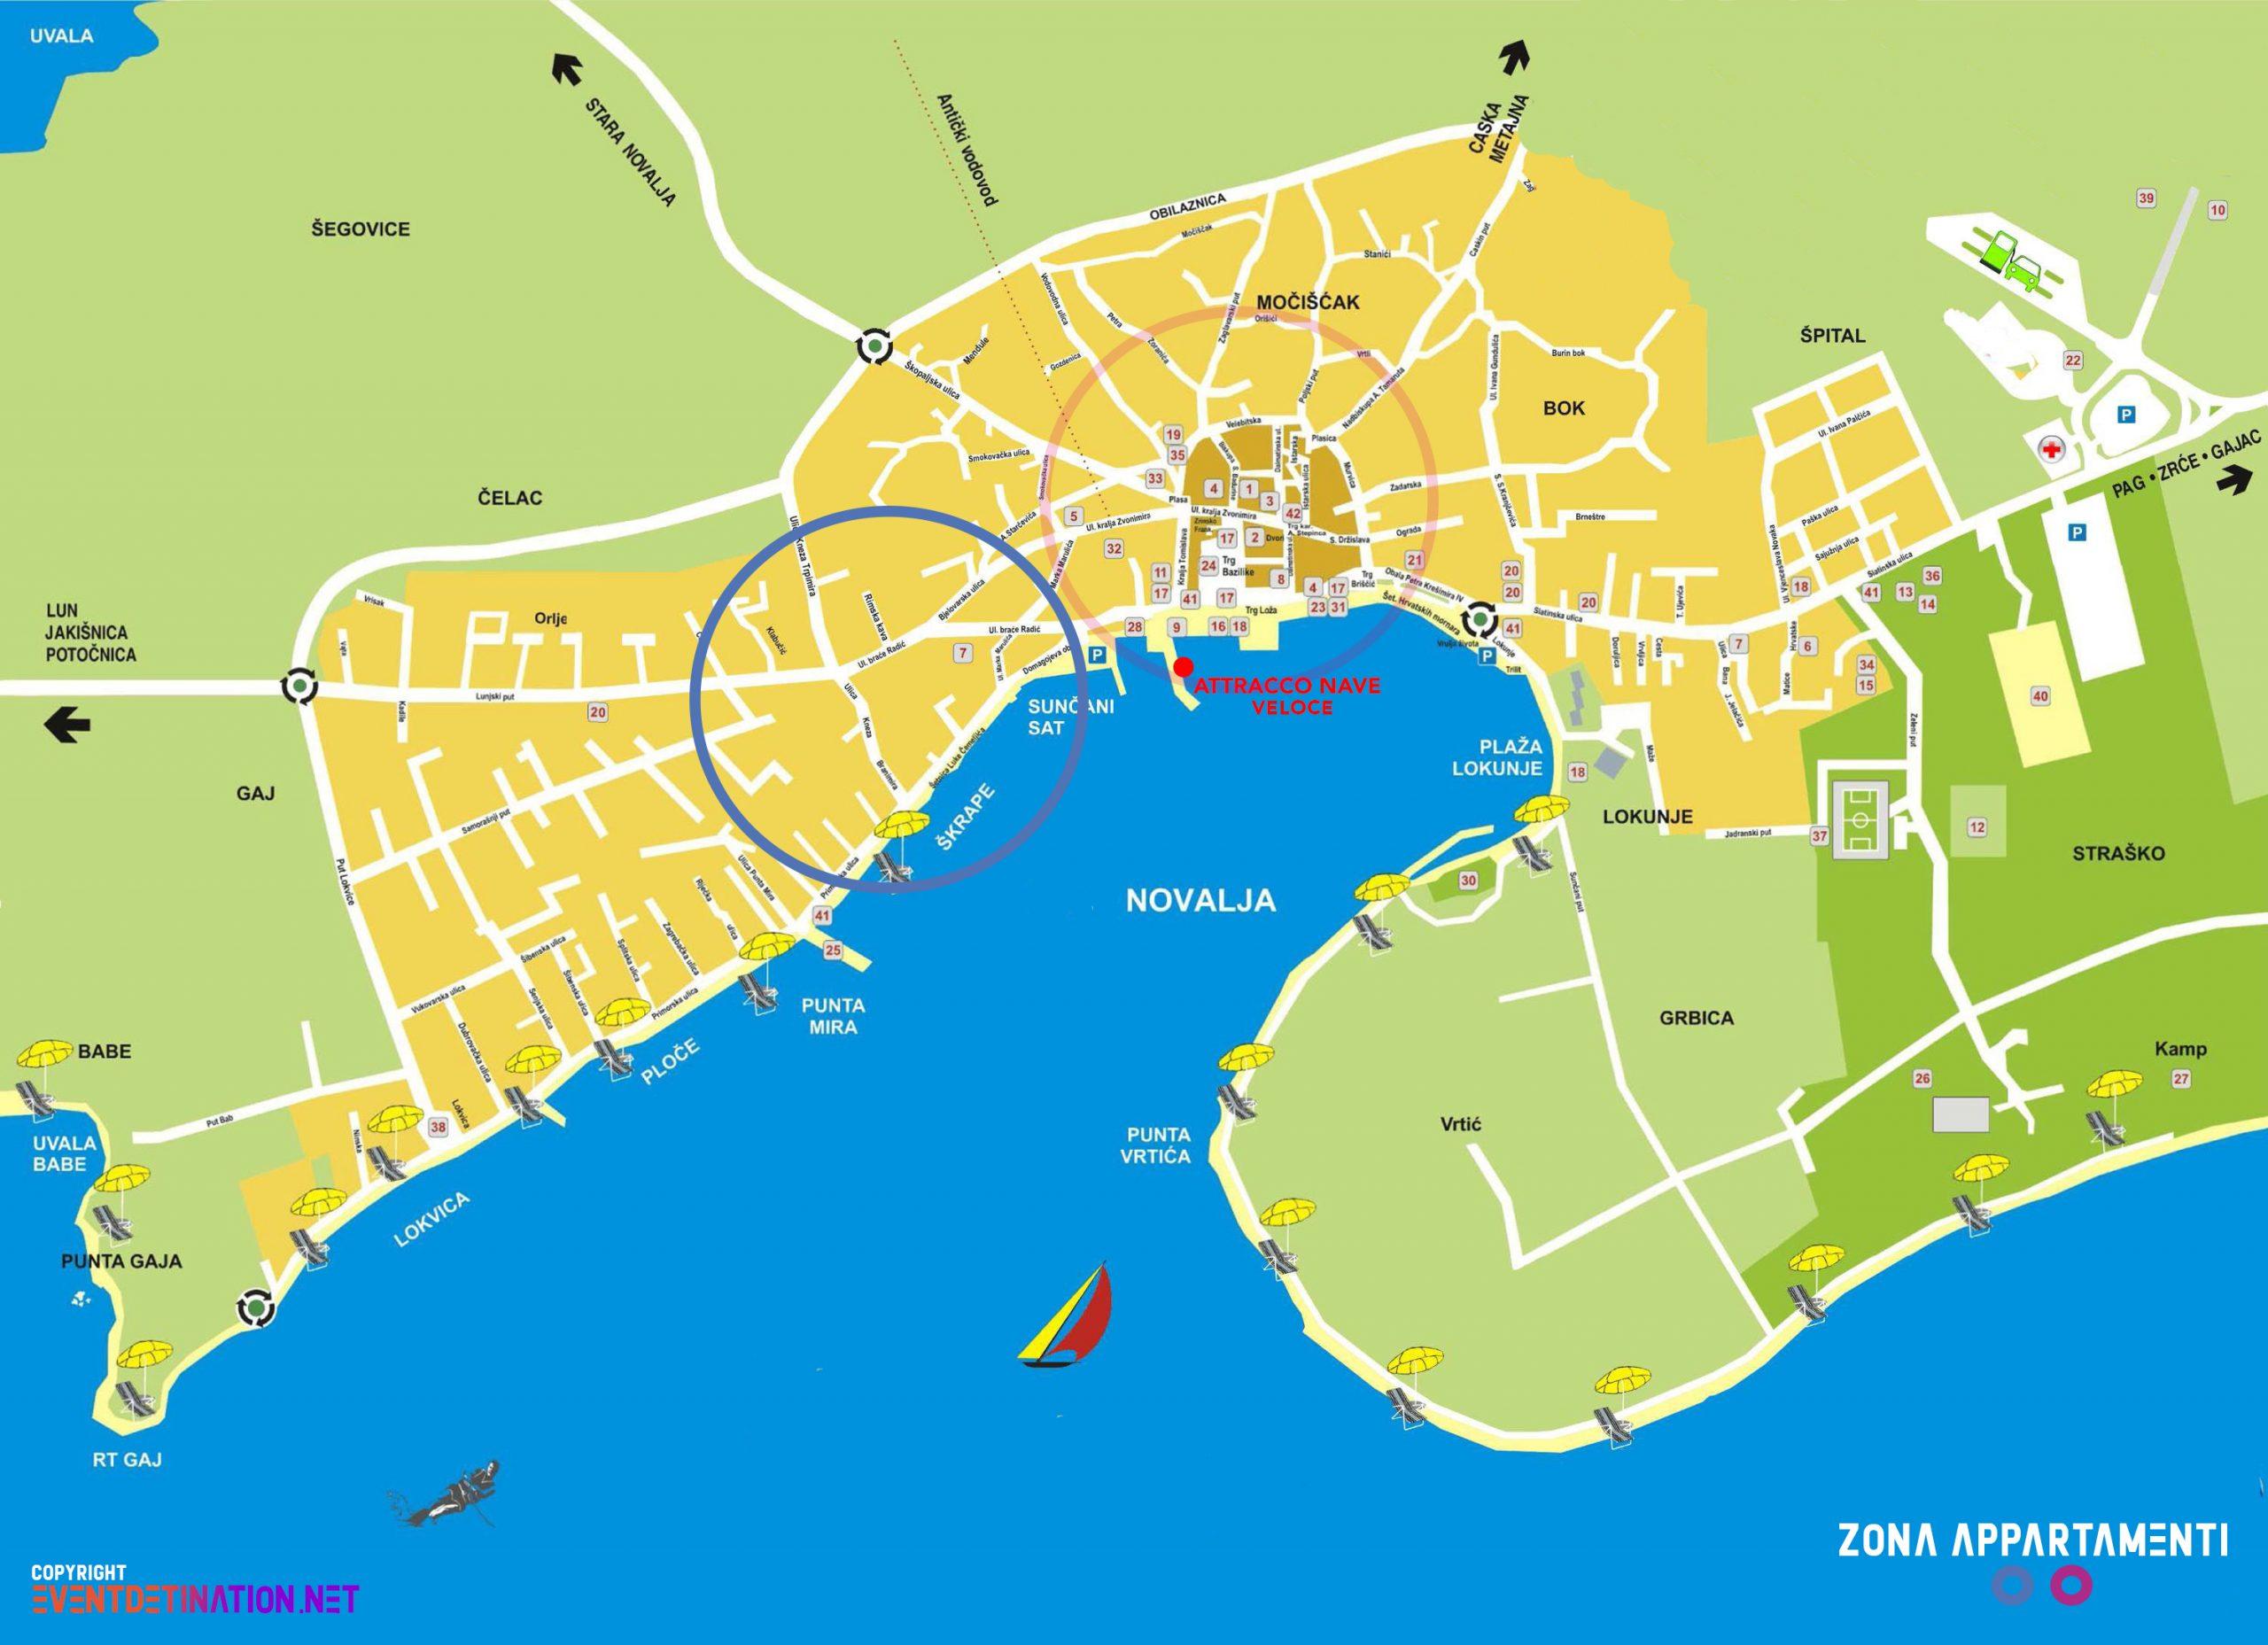 zona-appartamenti-mappa-novalja